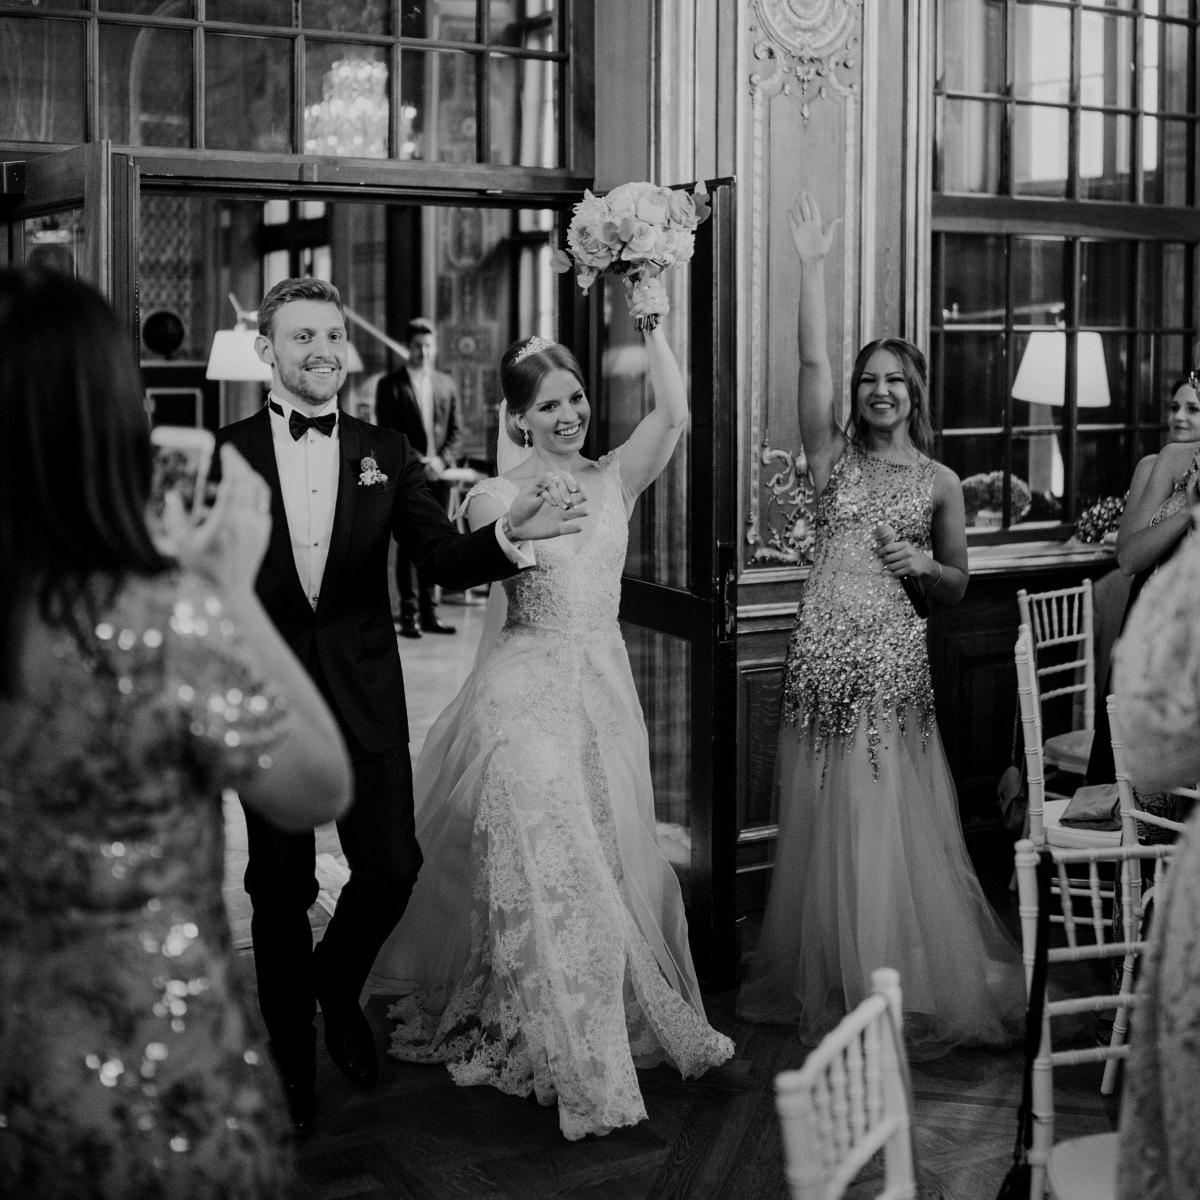 Einzug Brautpaar Hochzeitsfeier - Schlosshotel Berlin Hochzeitsfotograf © www.hochzeitslicht.de